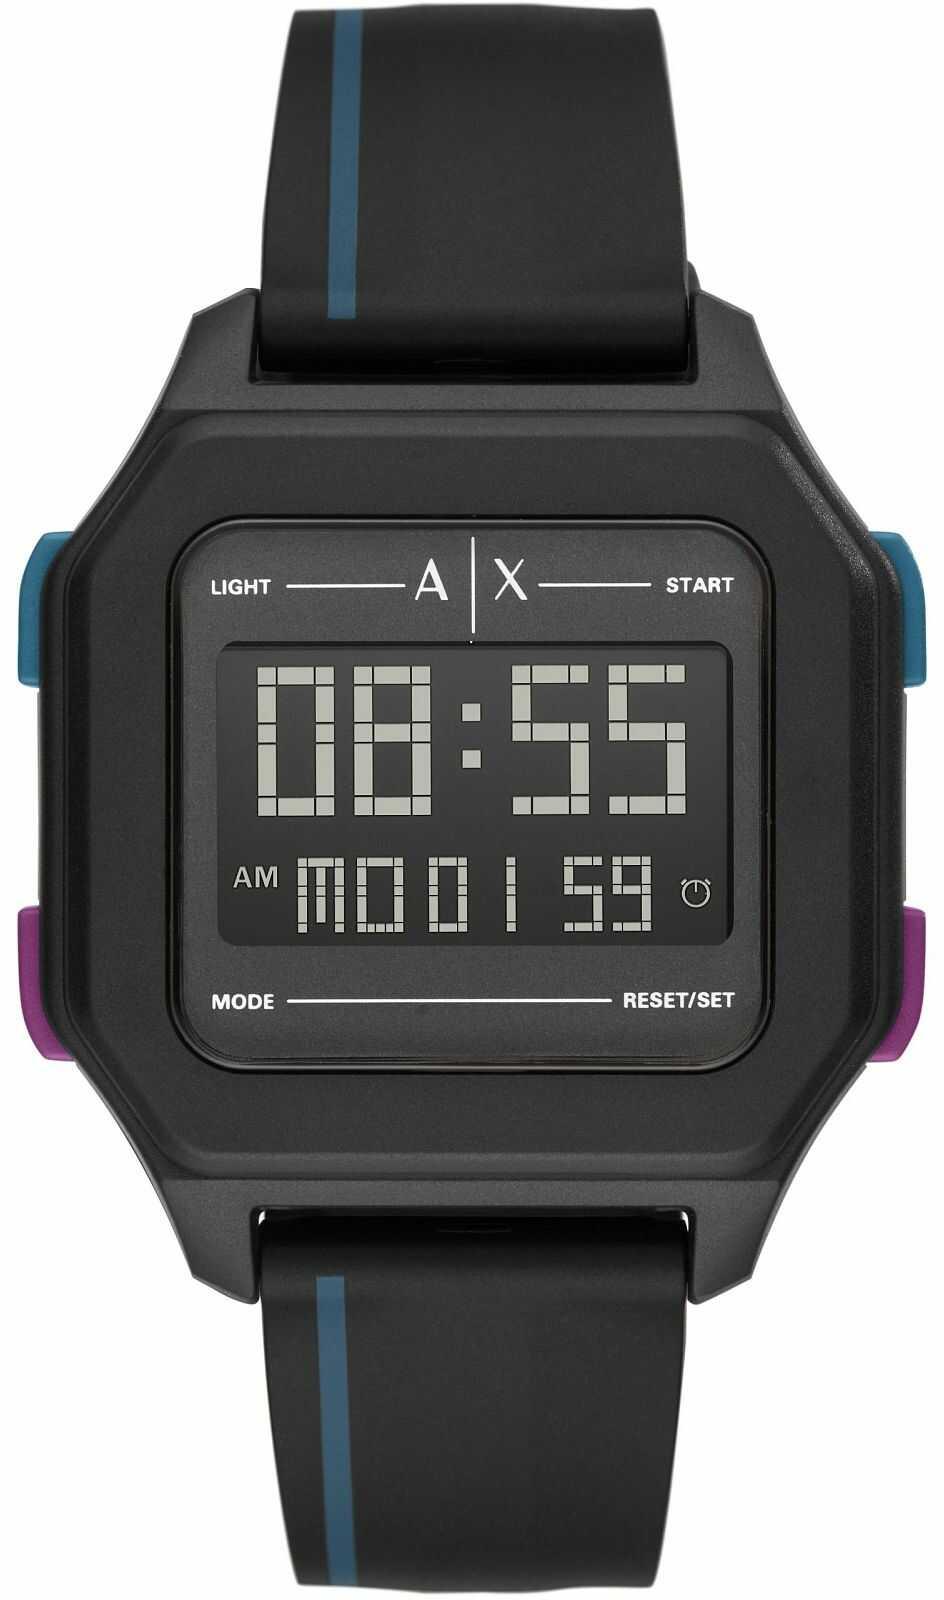 Zegarek Armani Exchange AX2955 > Wysyłka tego samego dnia Grawer 0zł Darmowa dostawa Kurierem/Inpost Darmowy zwrot przez 100 DNI